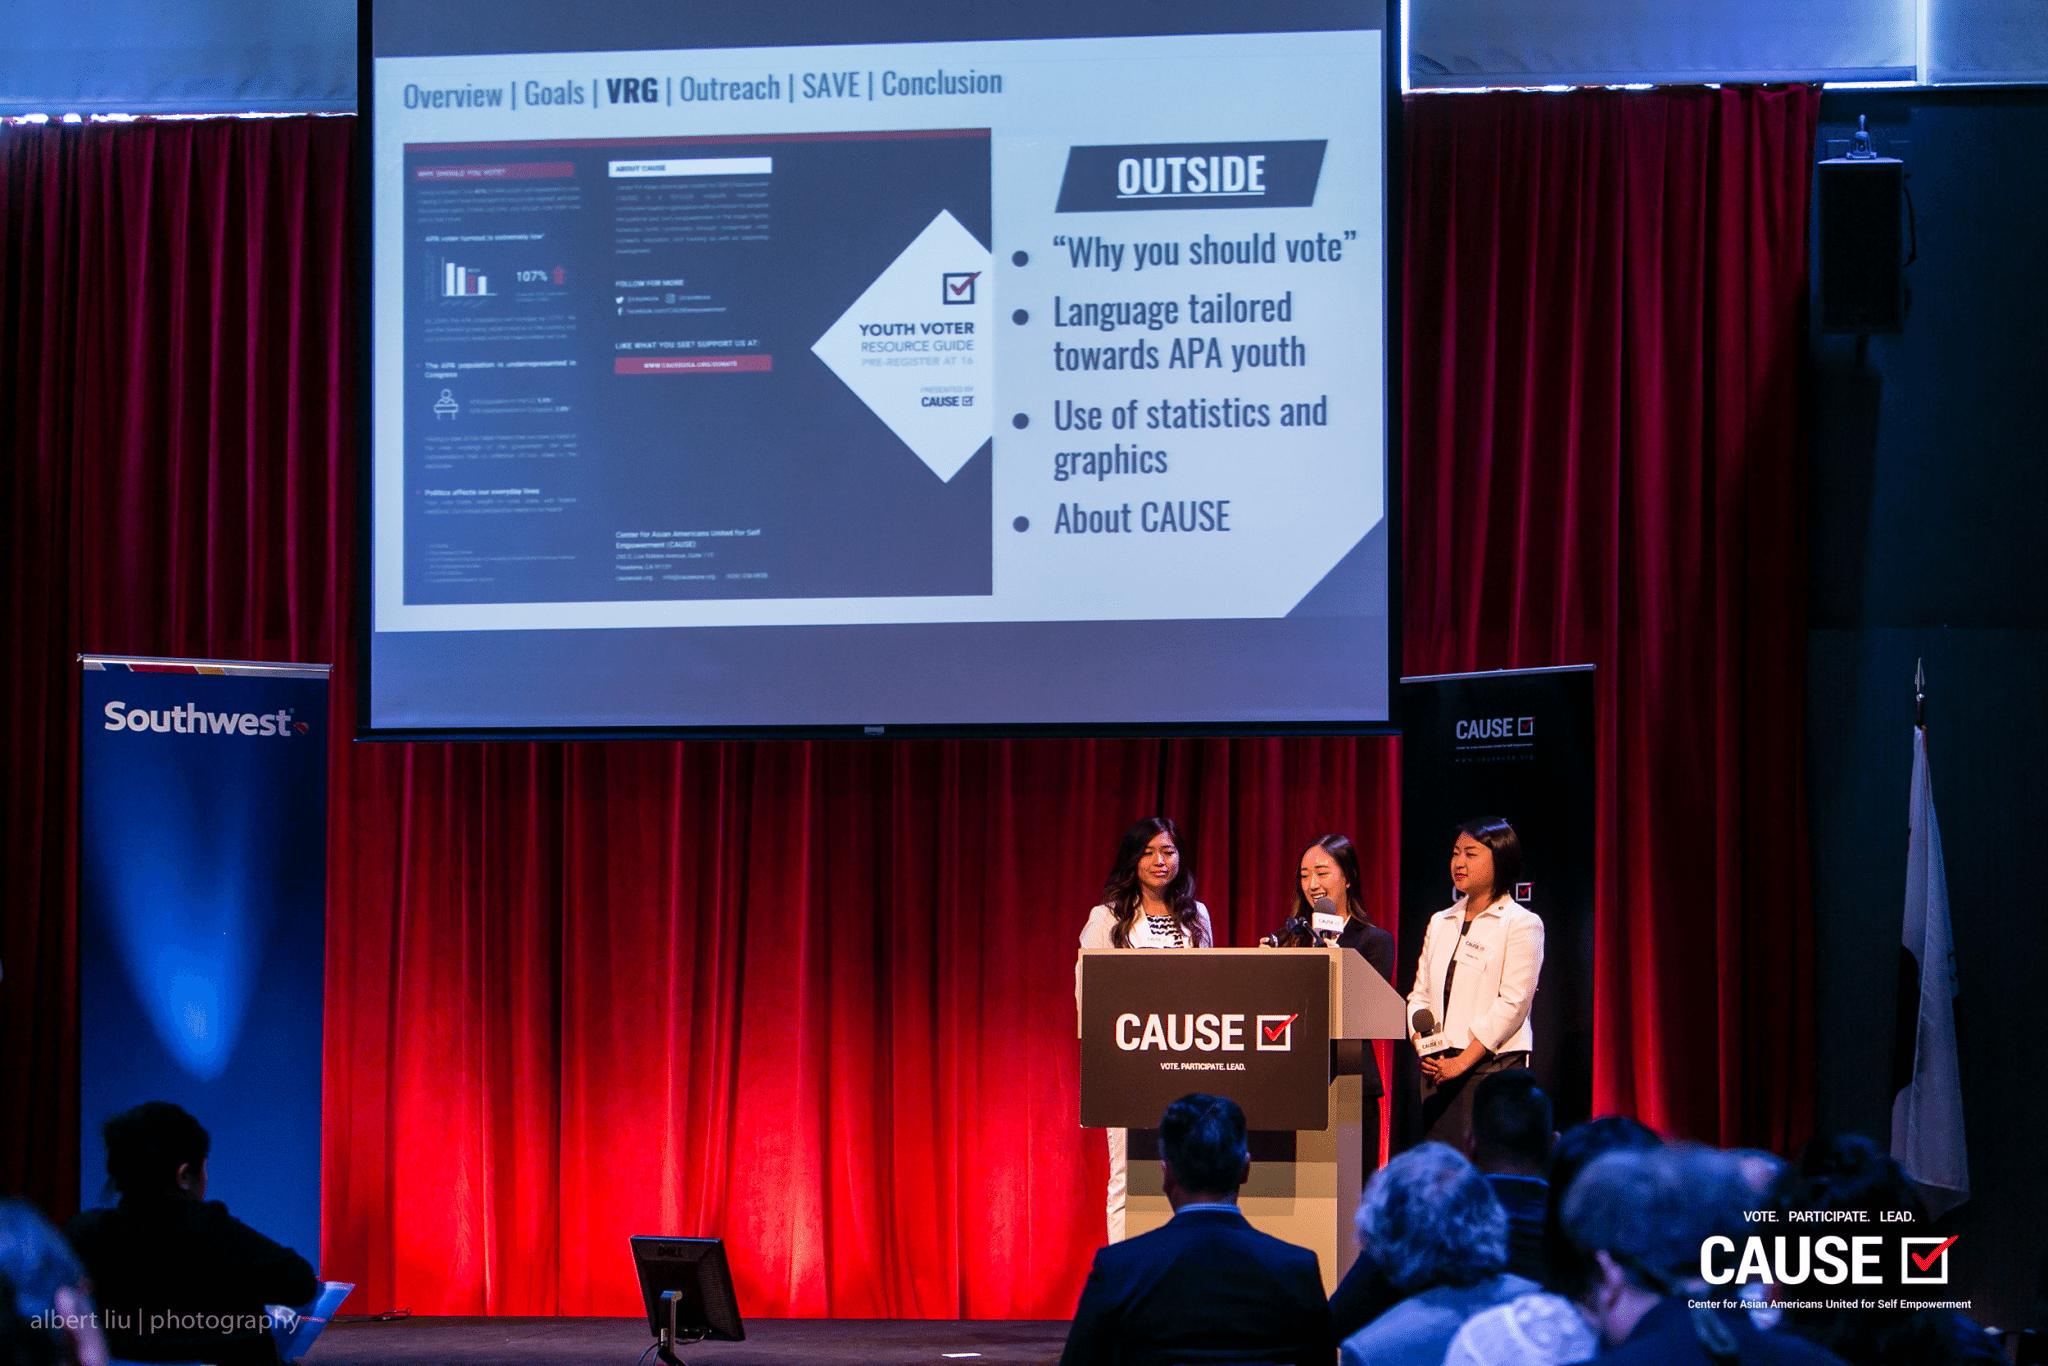 Erika Ngo, Olivia Zheng, and Helen Yu